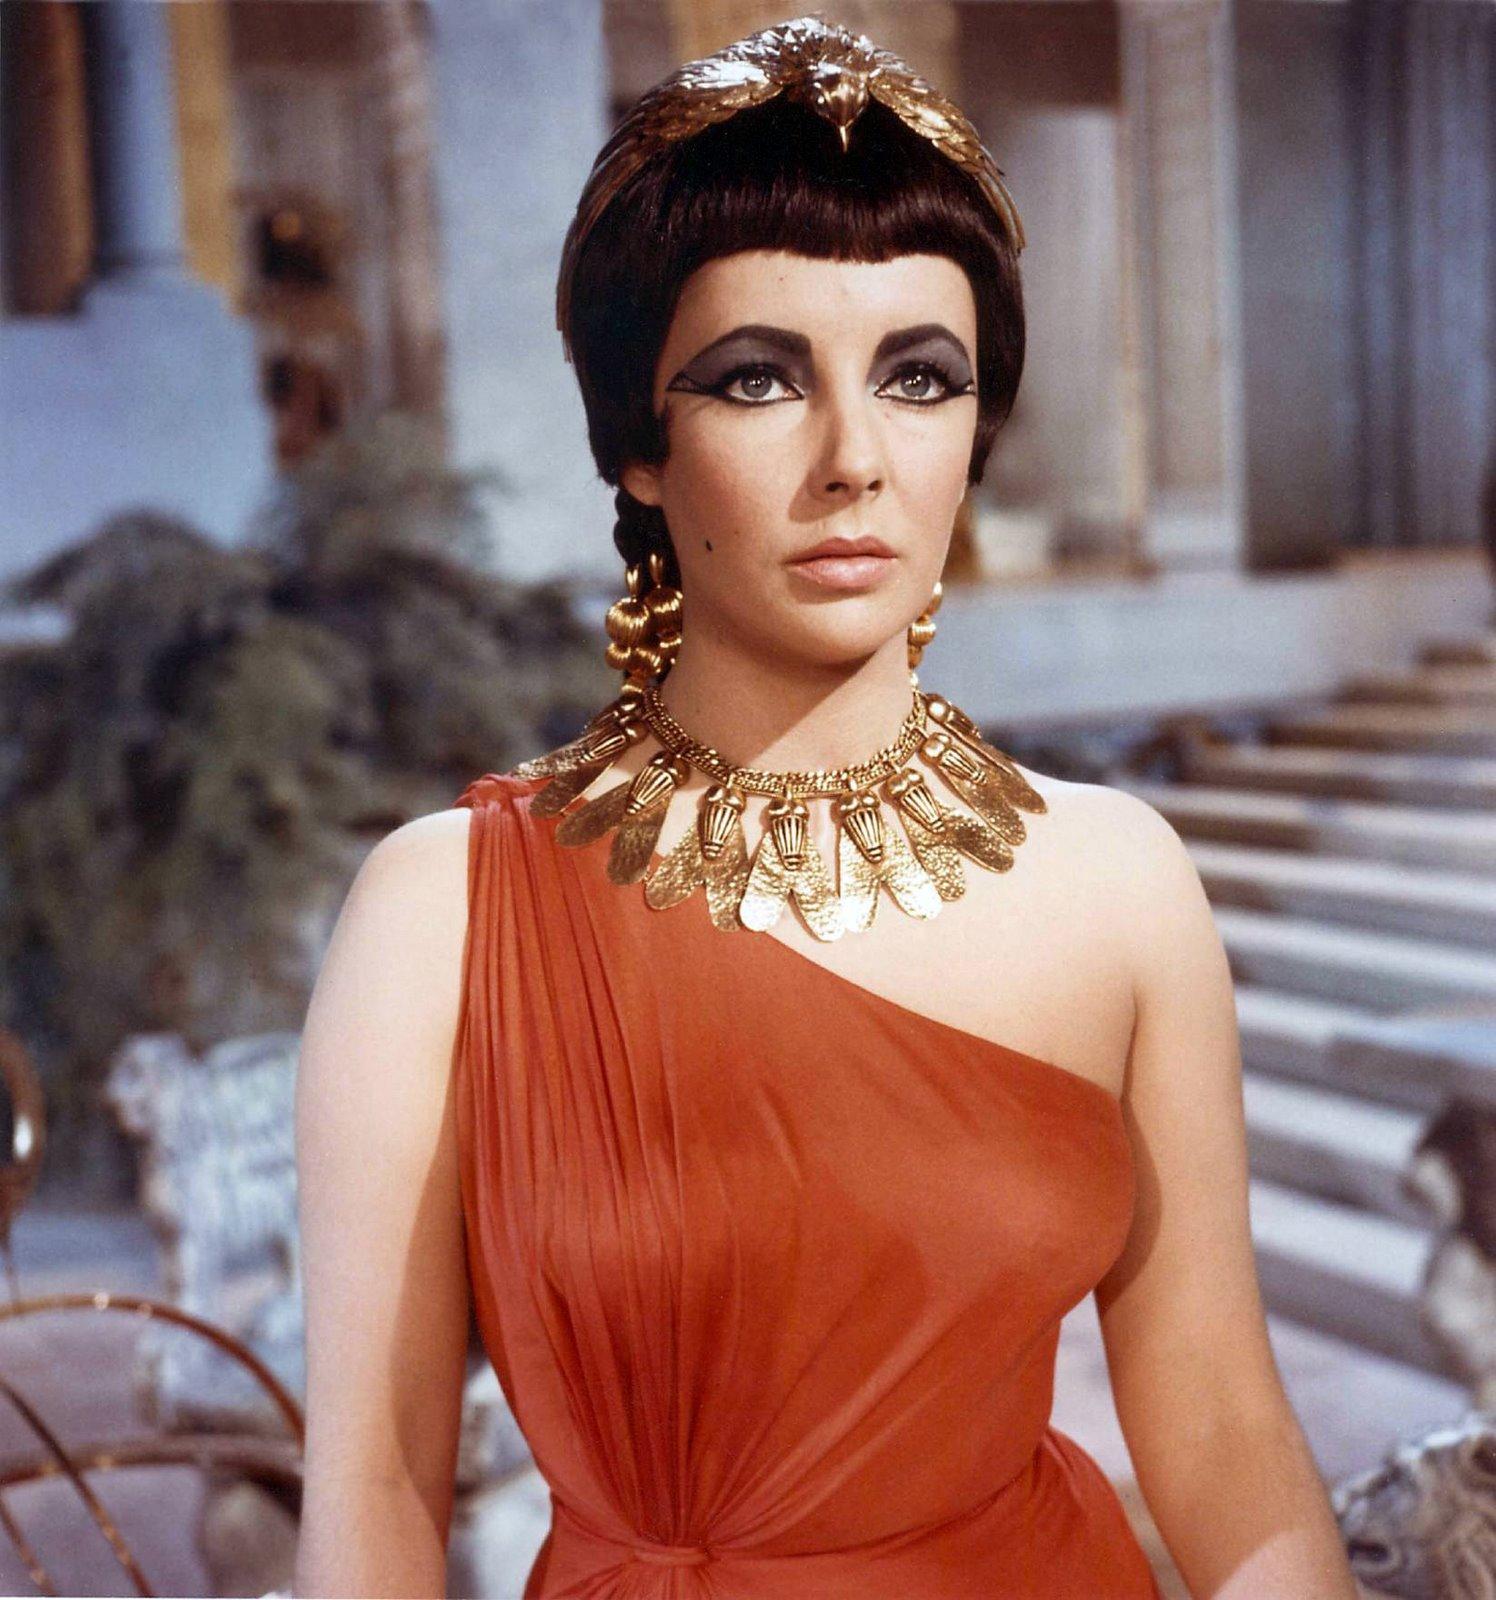 http://2.bp.blogspot.com/_UFdYhjXLeRE/TKAD4dMN5vI/AAAAAAAAAvQ/IgNIxBliHLE/s1600/Liz-Taylor+Cleopatra-734407.jpg